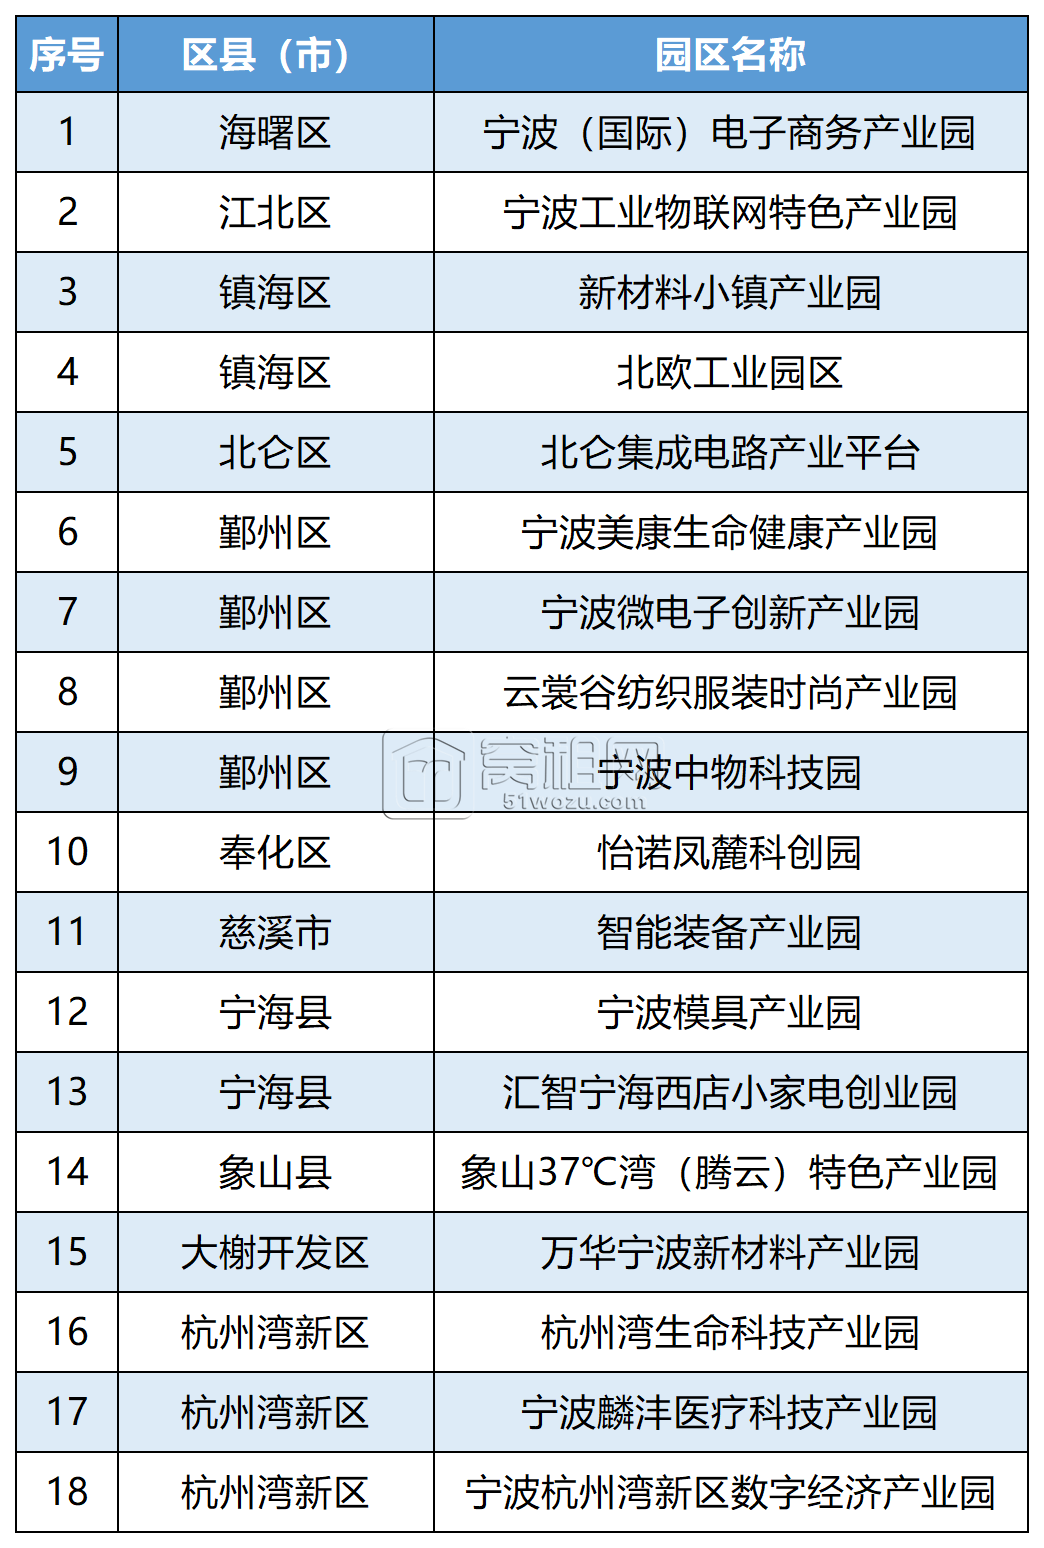 宁波首批特色产业园创建名单公布 这18家上榜